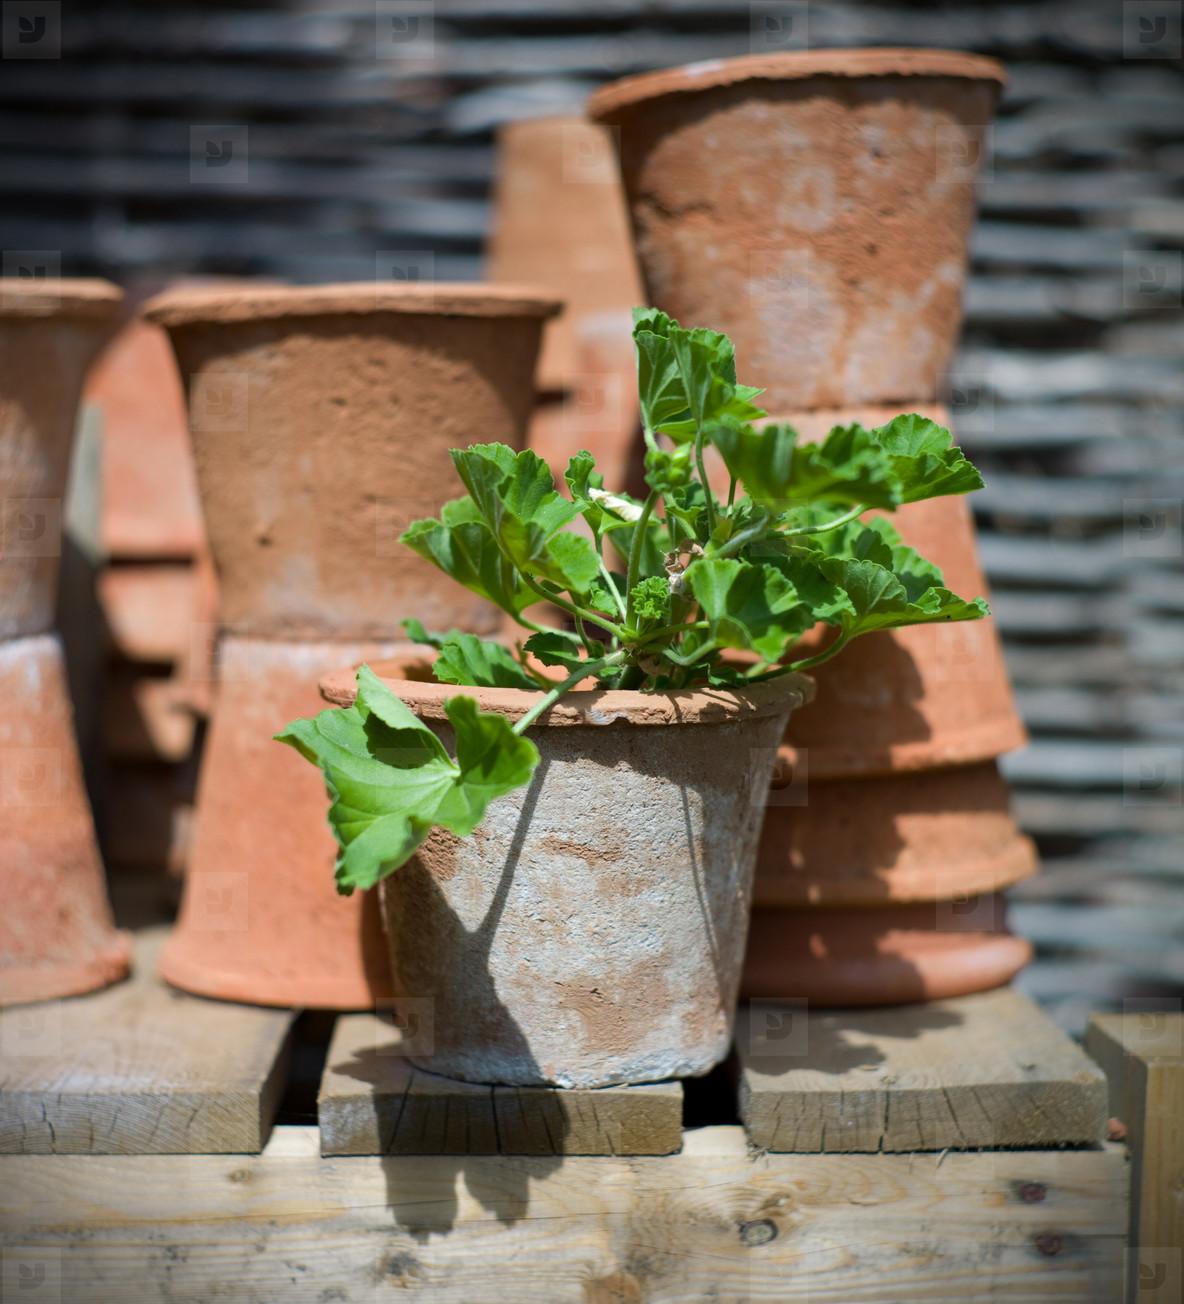 terracotta pot with geranium